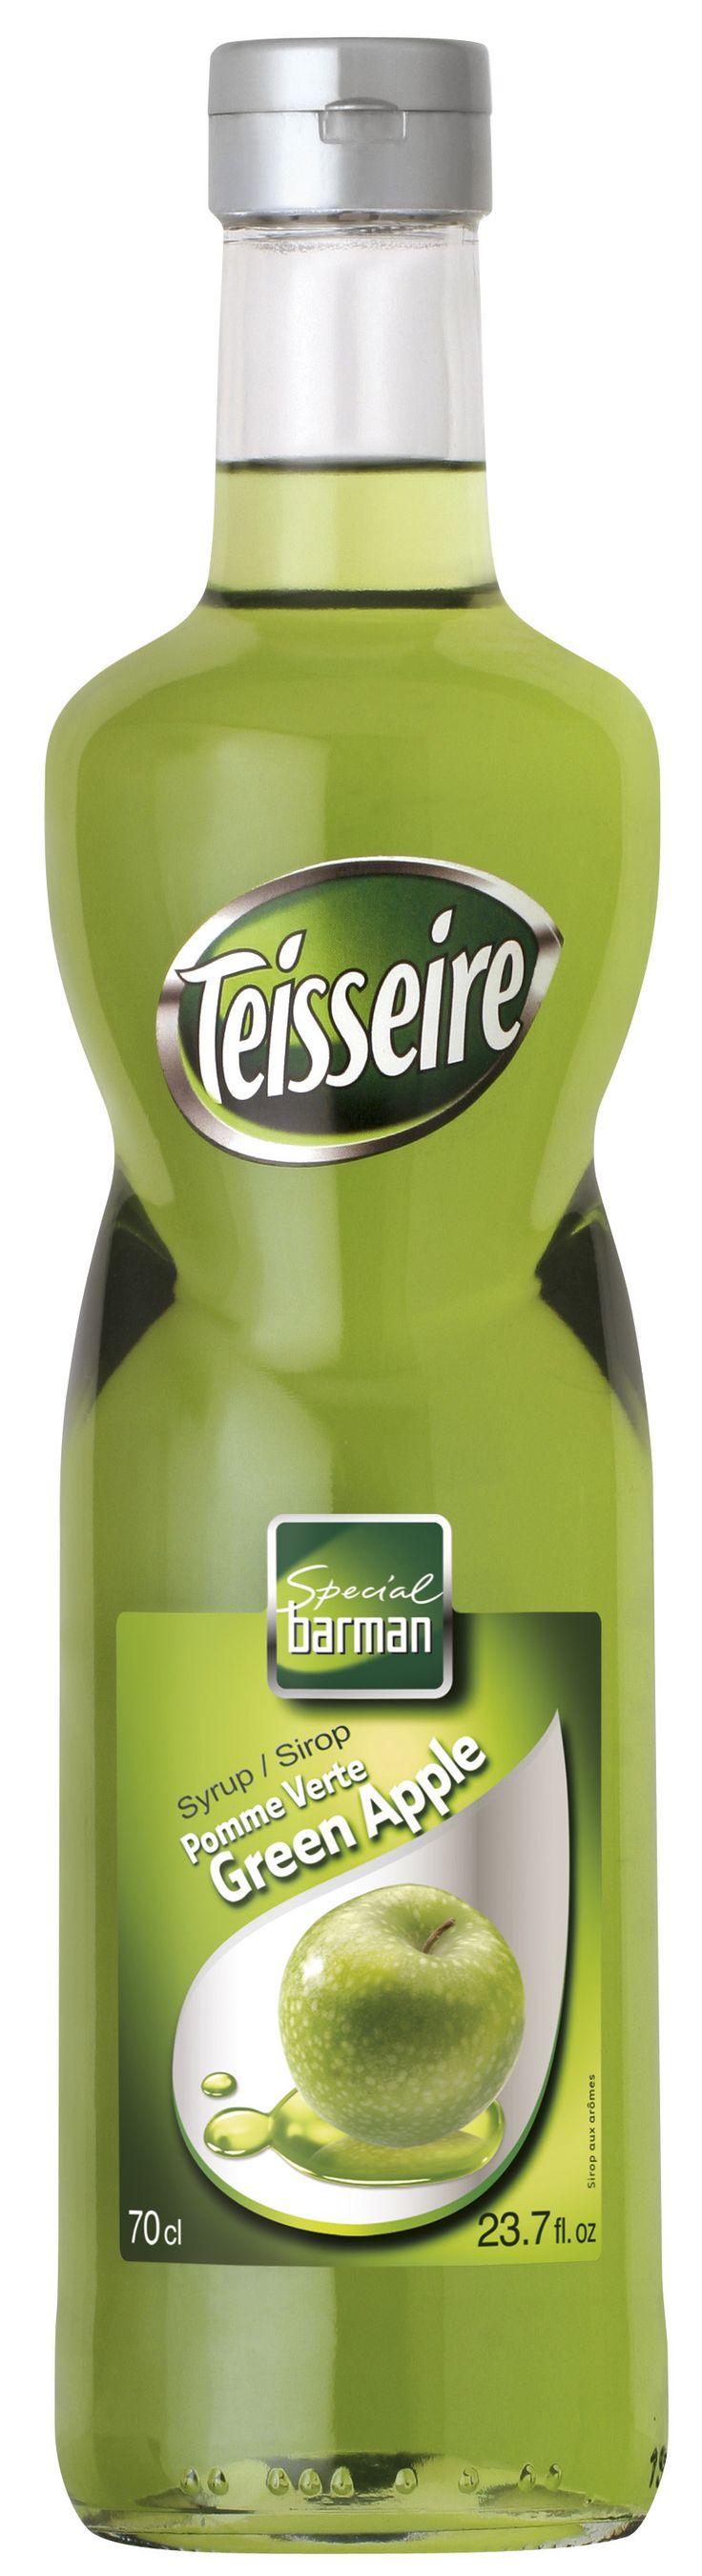 Σιροπι για κοκτέιλ, TEISSEIRE με γευση πρασινο μηλο green apple # Granikal.